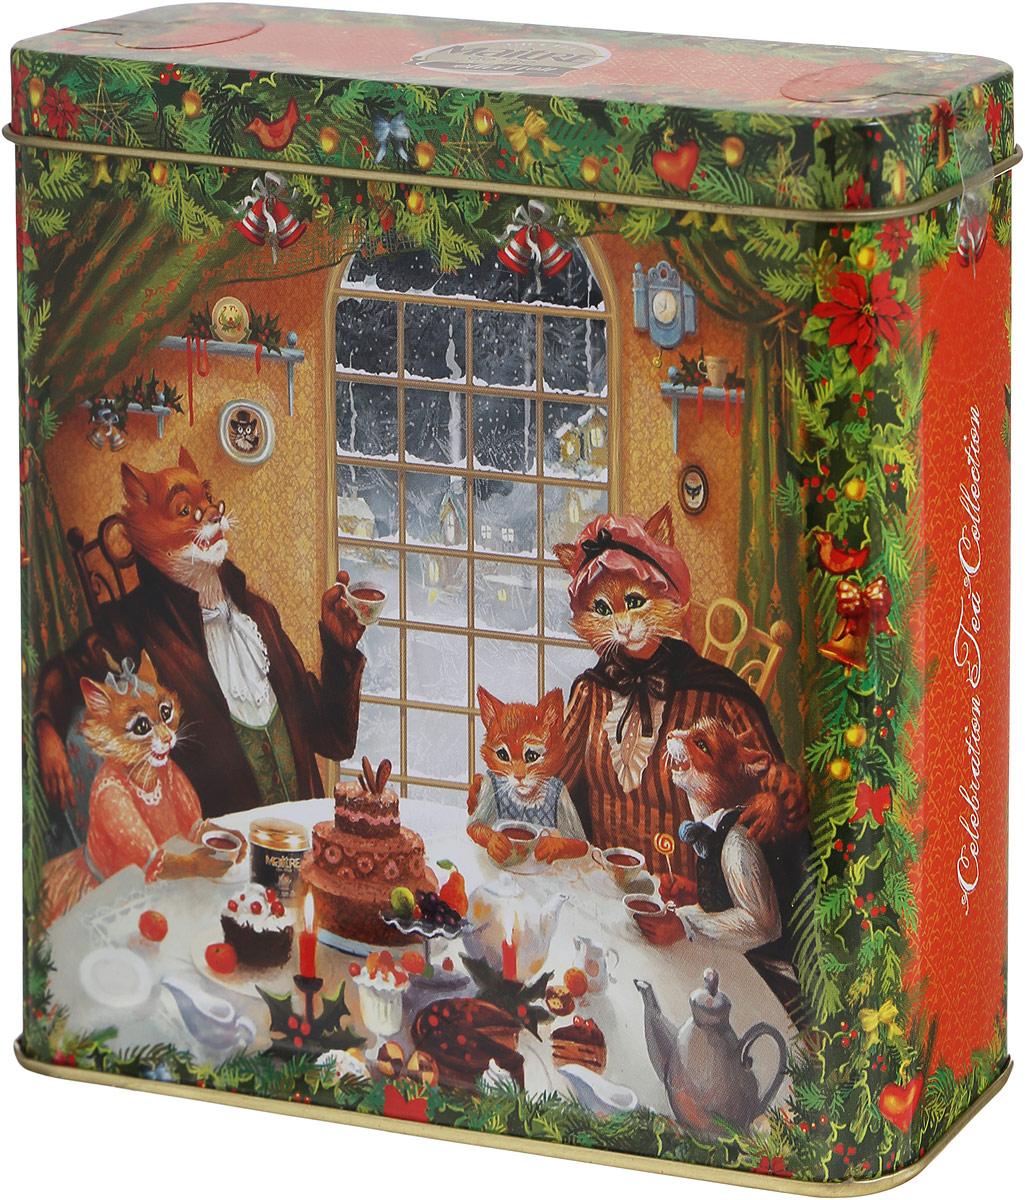 Maitre чай зеленый Новогодние сюжеты, 90 гбаж038_цвет коробки оранжевыйЗеленый чай Maitre Новогодние сюжеты - зеленый байховый китайский листовой чай с добавками растительного сырья. Способ приготовления: положите в прогретый чайник чай из расчета 1 чайная ложка на 200 мл и залейте кипятком. Настаивайте 4-5 минут.